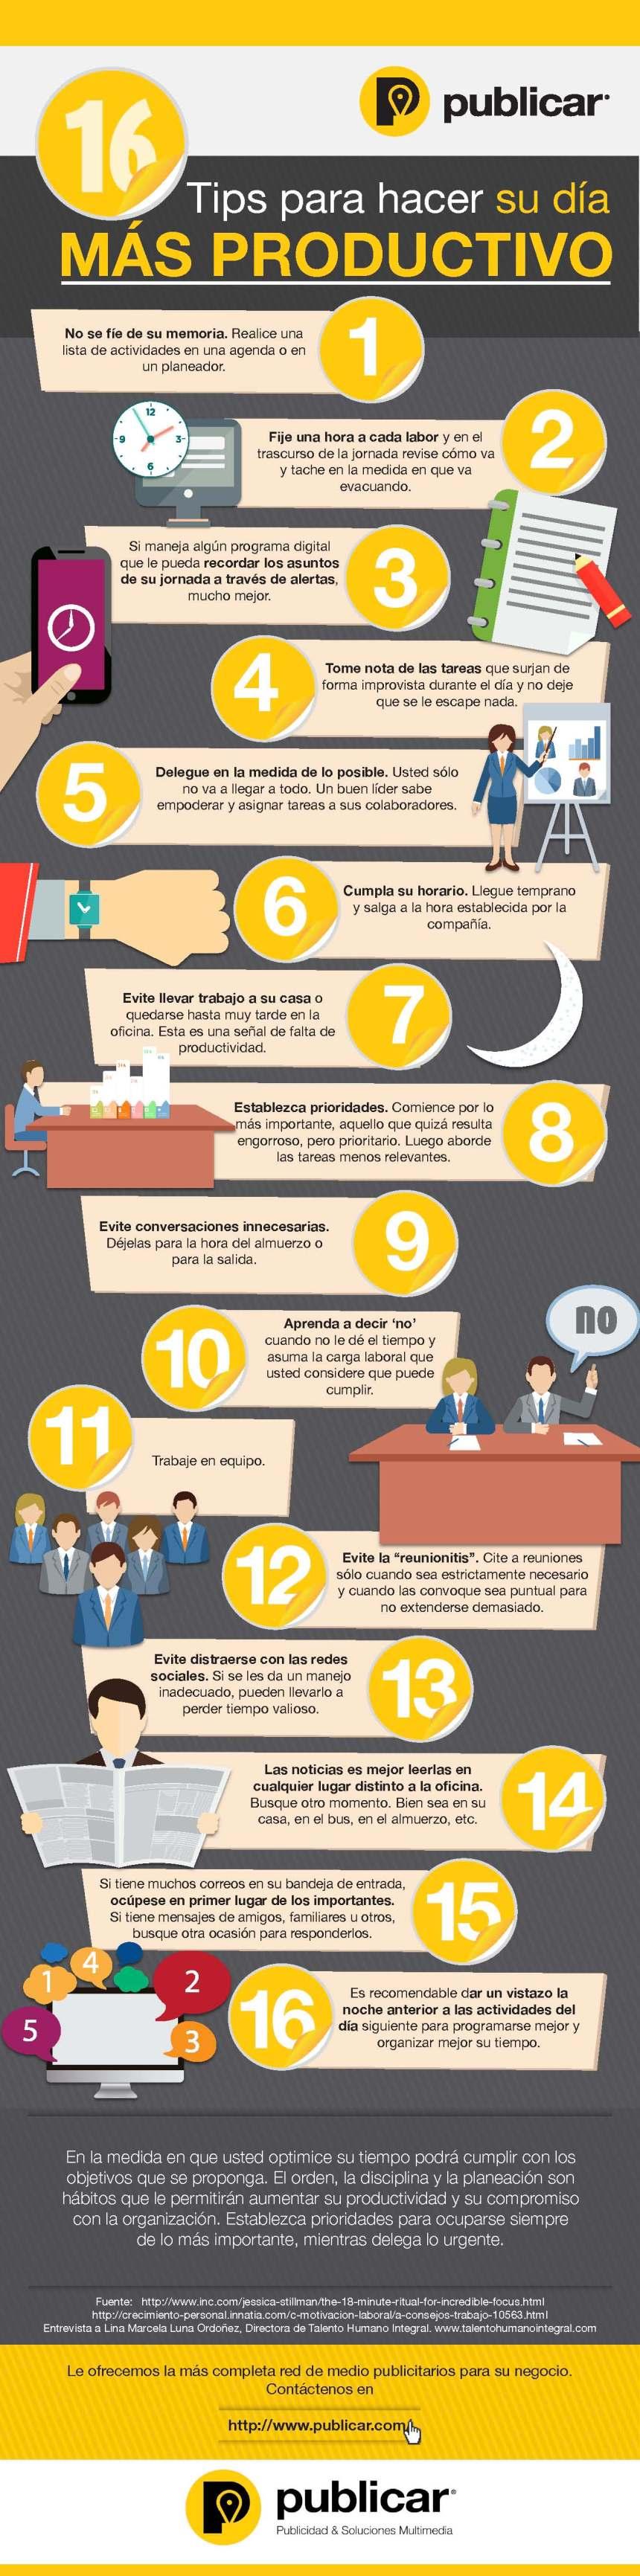 16 consejos para ser más productivo